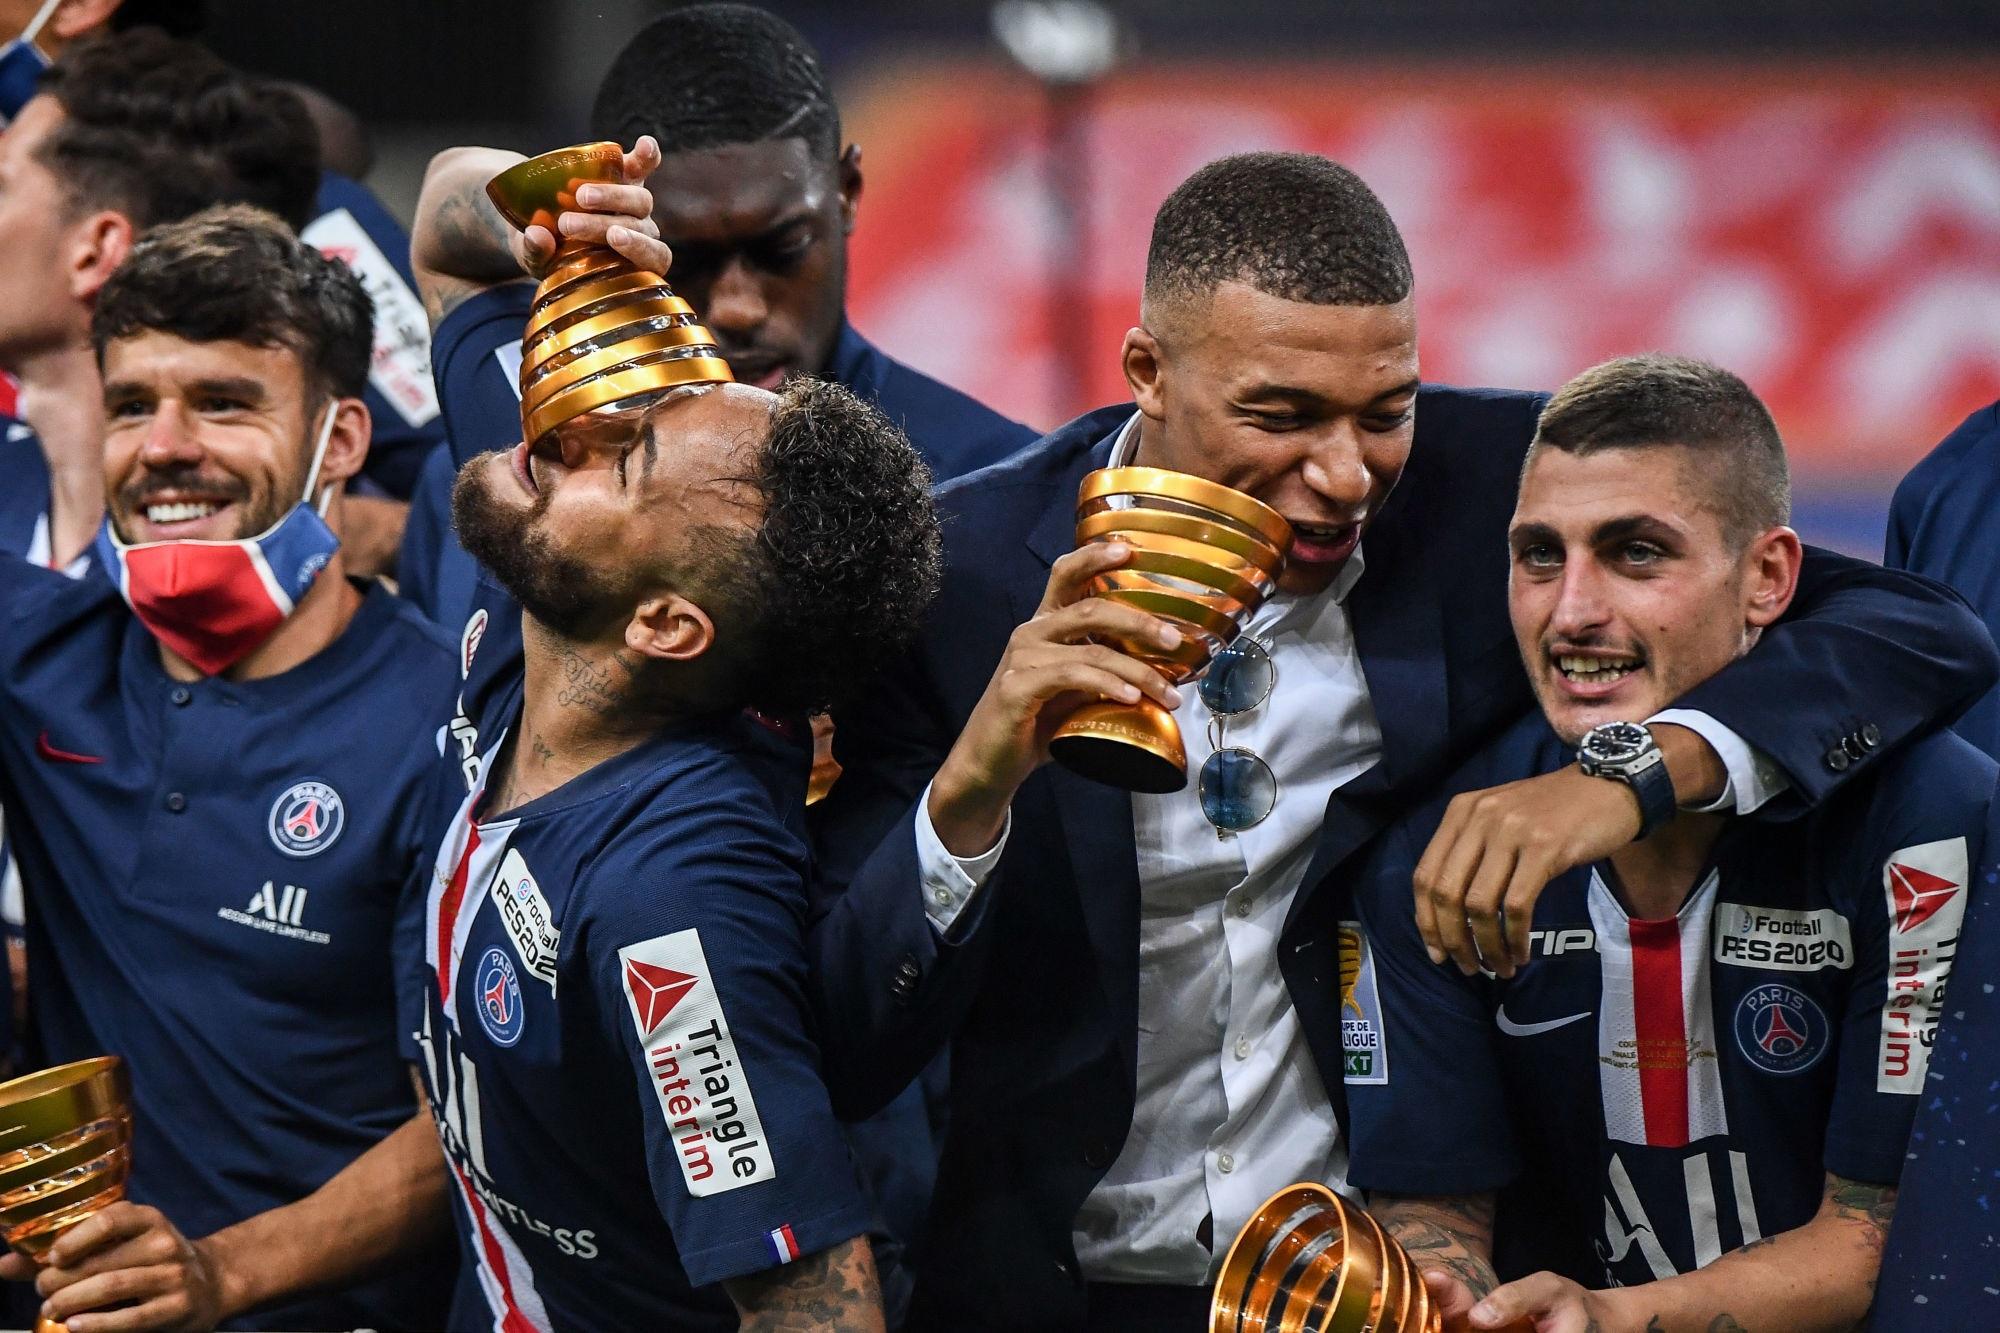 PSG/OL - Les notes des Parisiens dans la presse : Verratti et Neymar hommes d'un match difficile